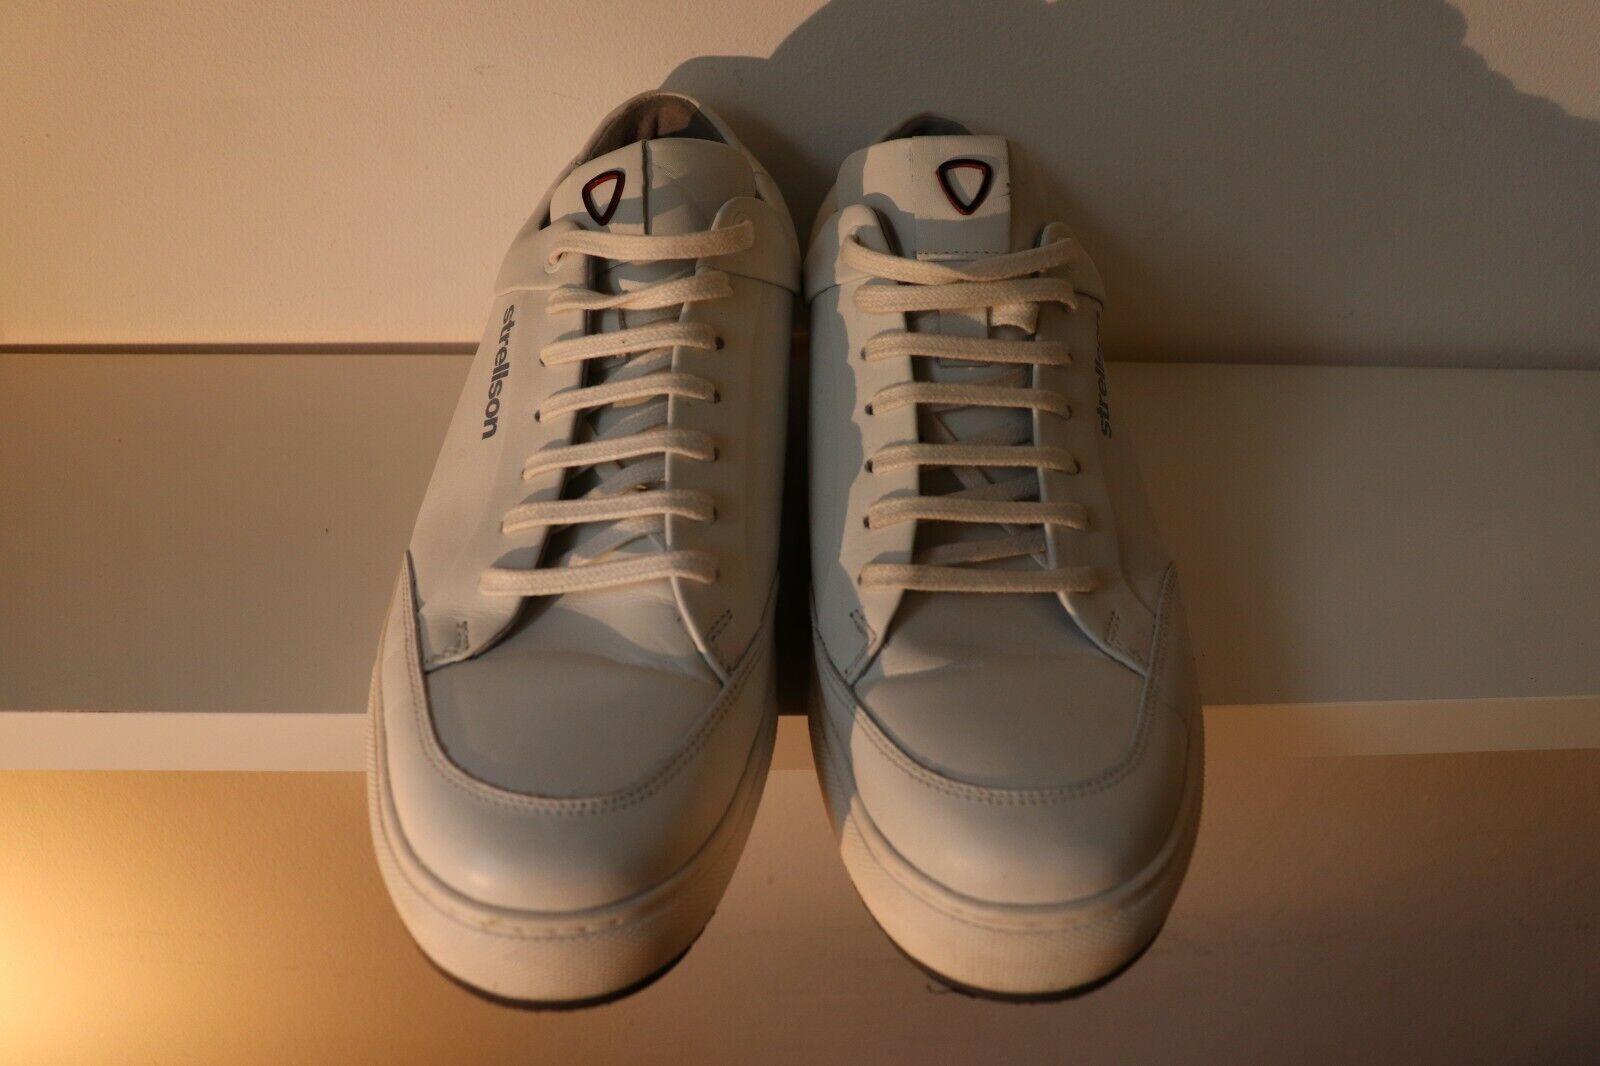 Turnschuhe Strellson weiß Herren 43 Größe Schuhe